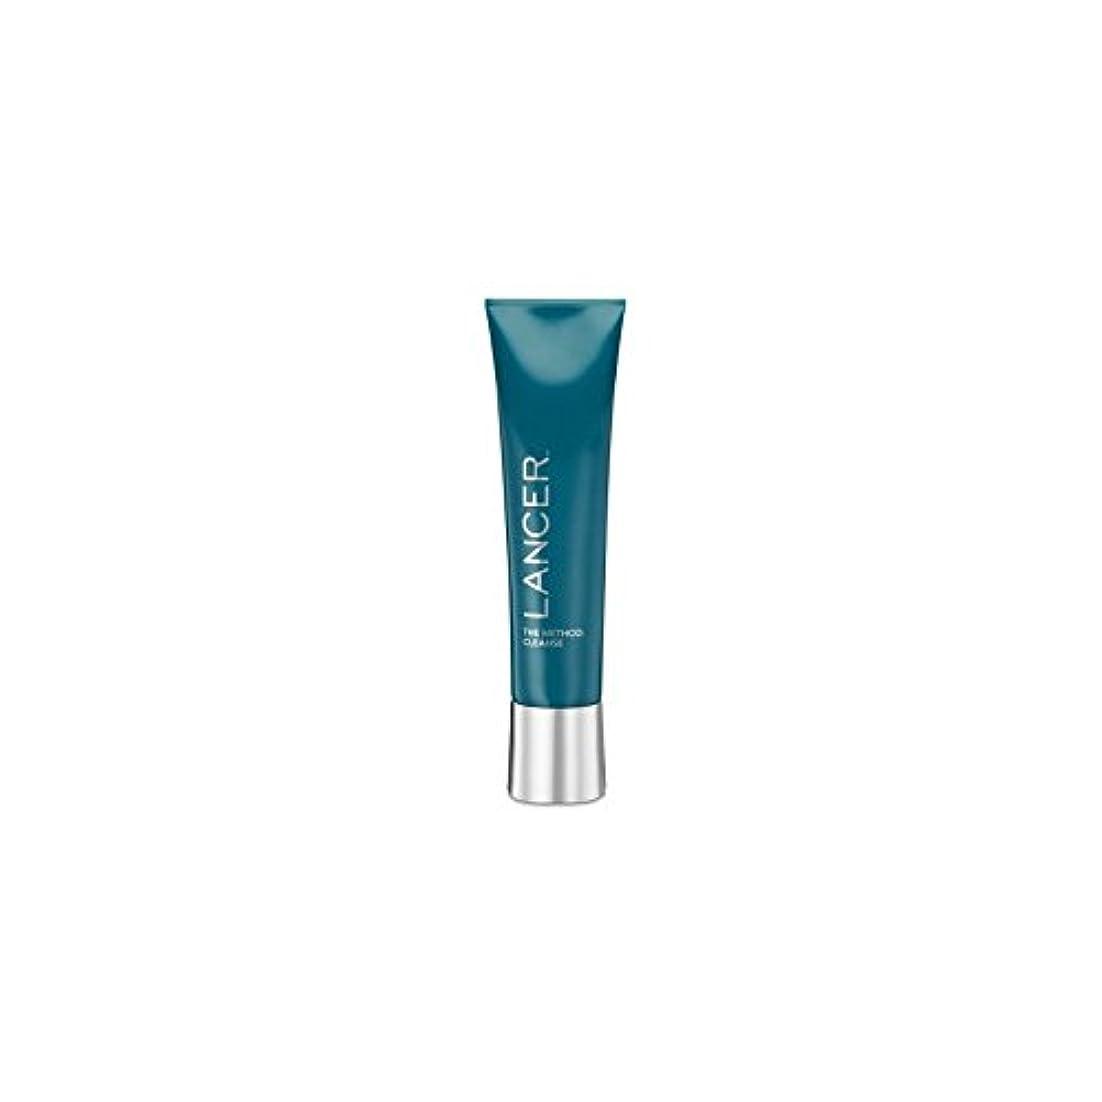 シャーク鉛信頼Lancer Skincare The Method: Cleanser (120ml) - クレンザー(120ミリリットル):ランサーは、メソッドをスキンケア [並行輸入品]